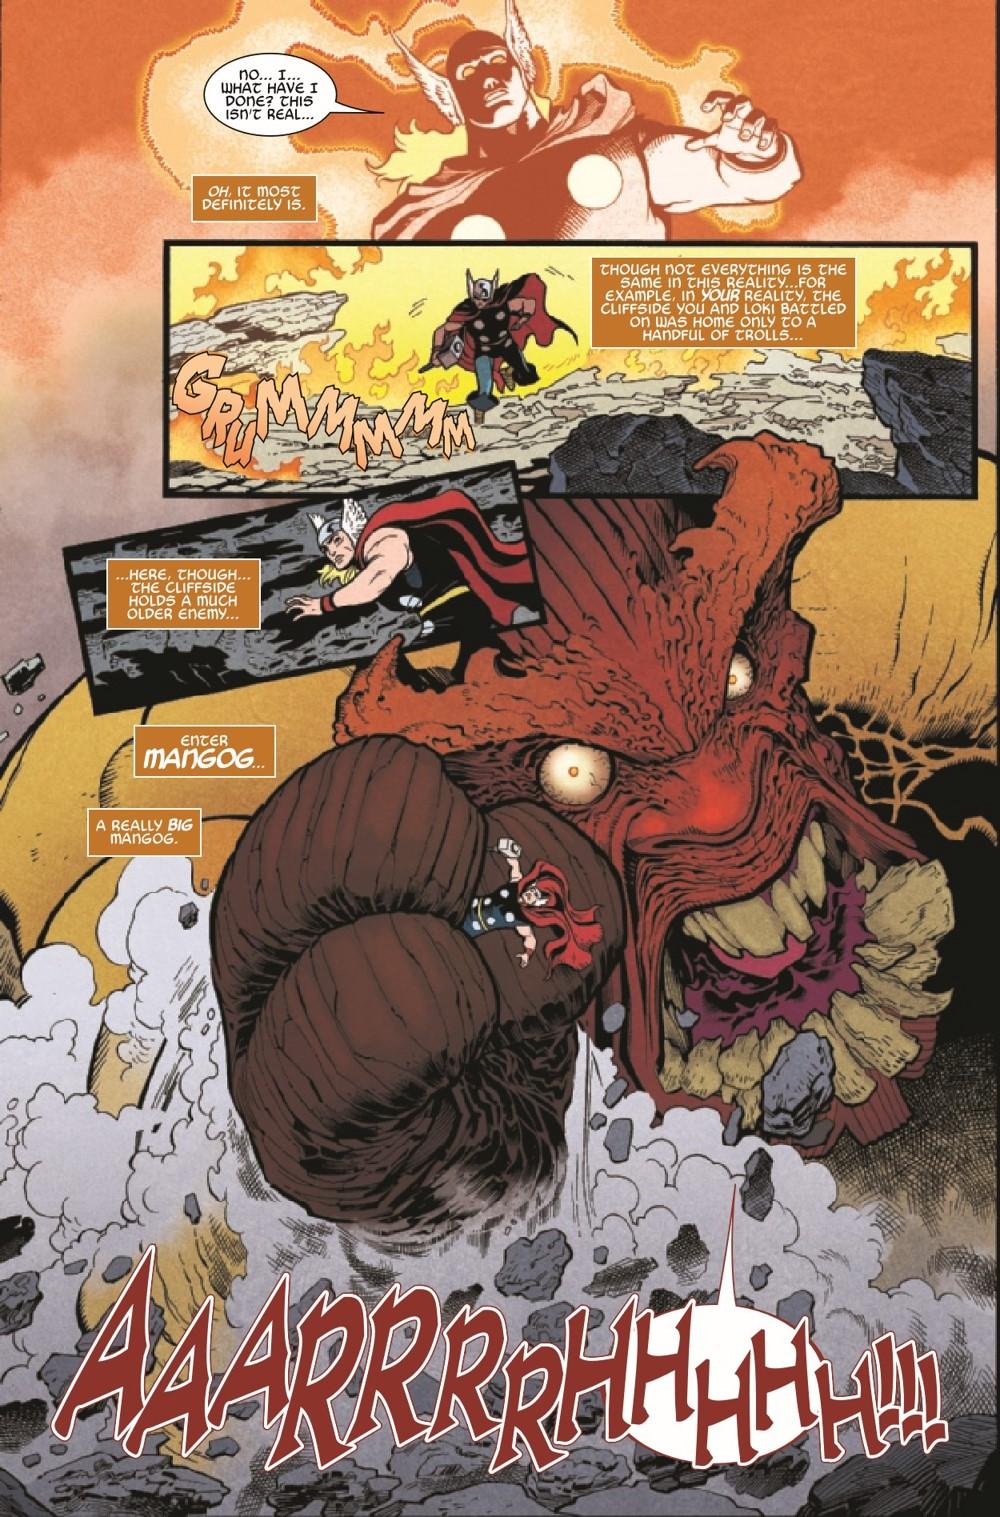 THORANN2021001_Preview-6 ComicList Previews: THOR ANNUAL #1